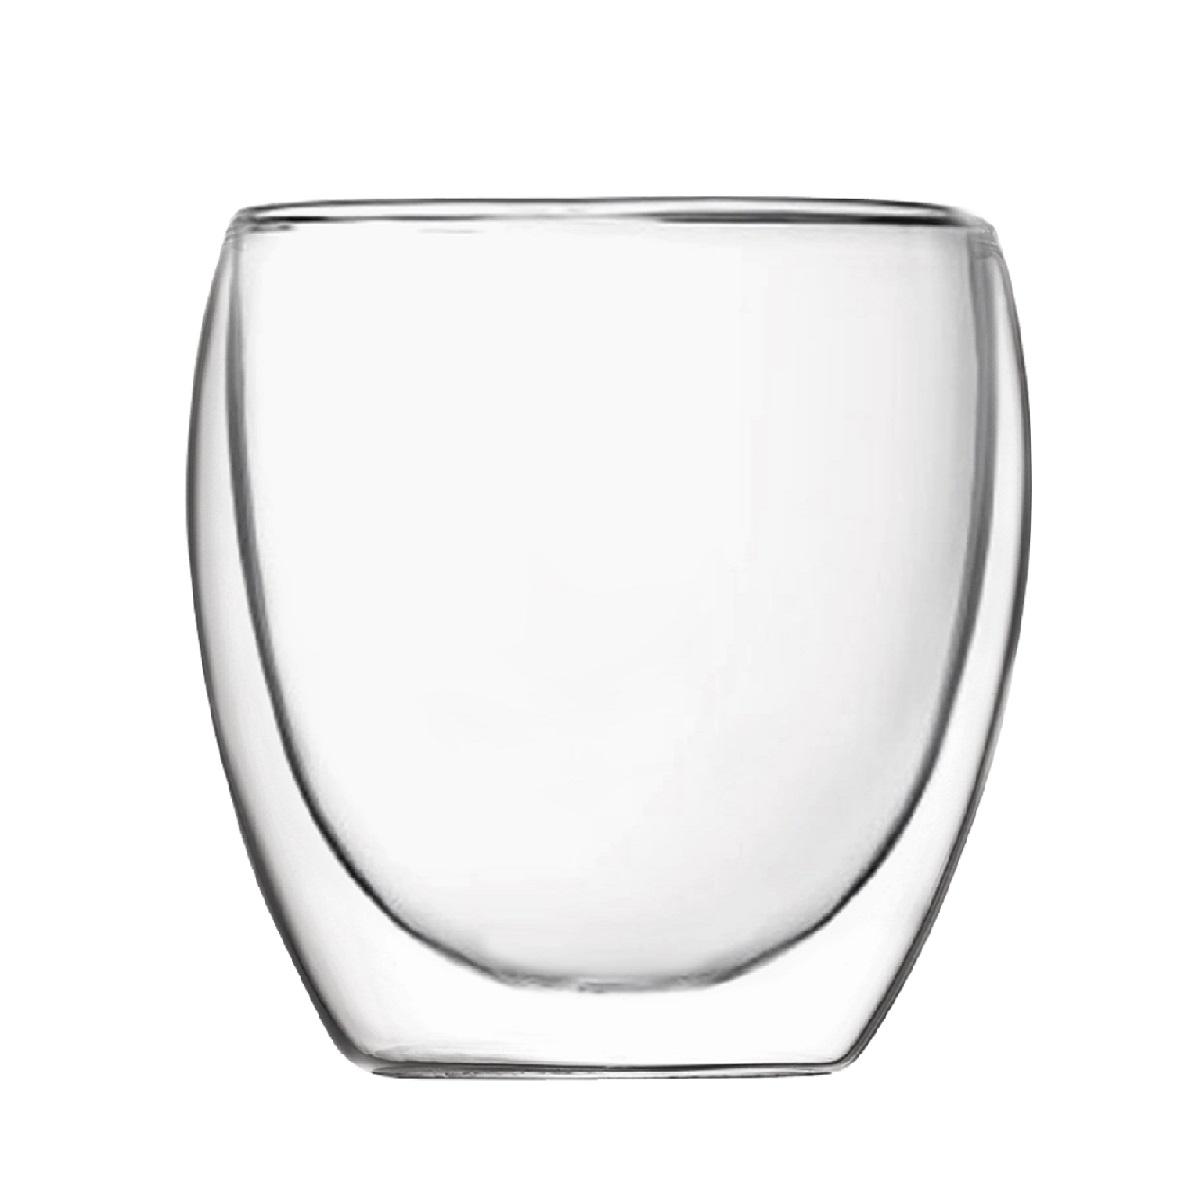 Набор из 2-х стаканов с двойными стенками 200 мл, 8,3*8,2 смПодходит для использования в  посудомоечной машине. Не использовать в СВЧ печи,духовом шкафу.<br>